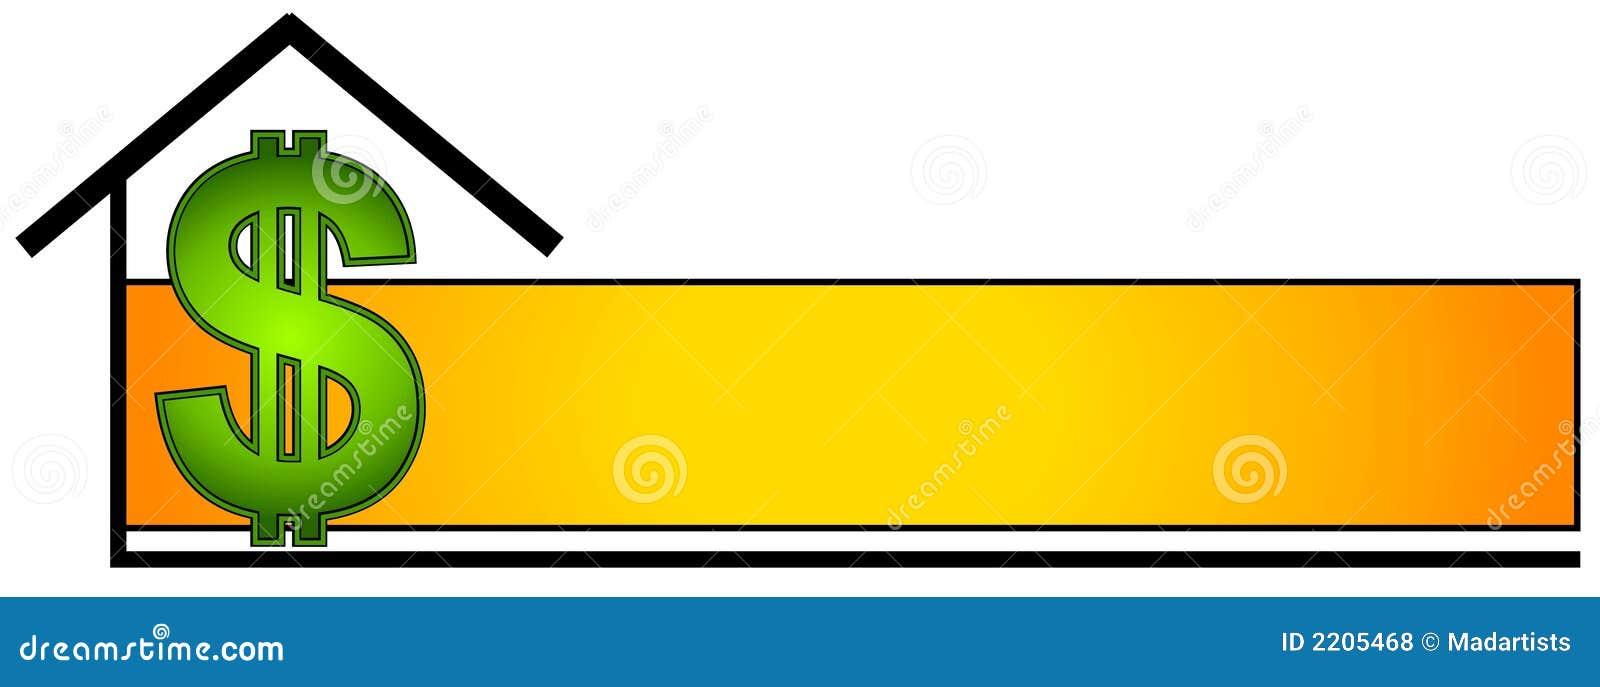 сеть страницы логоса имущества реальная